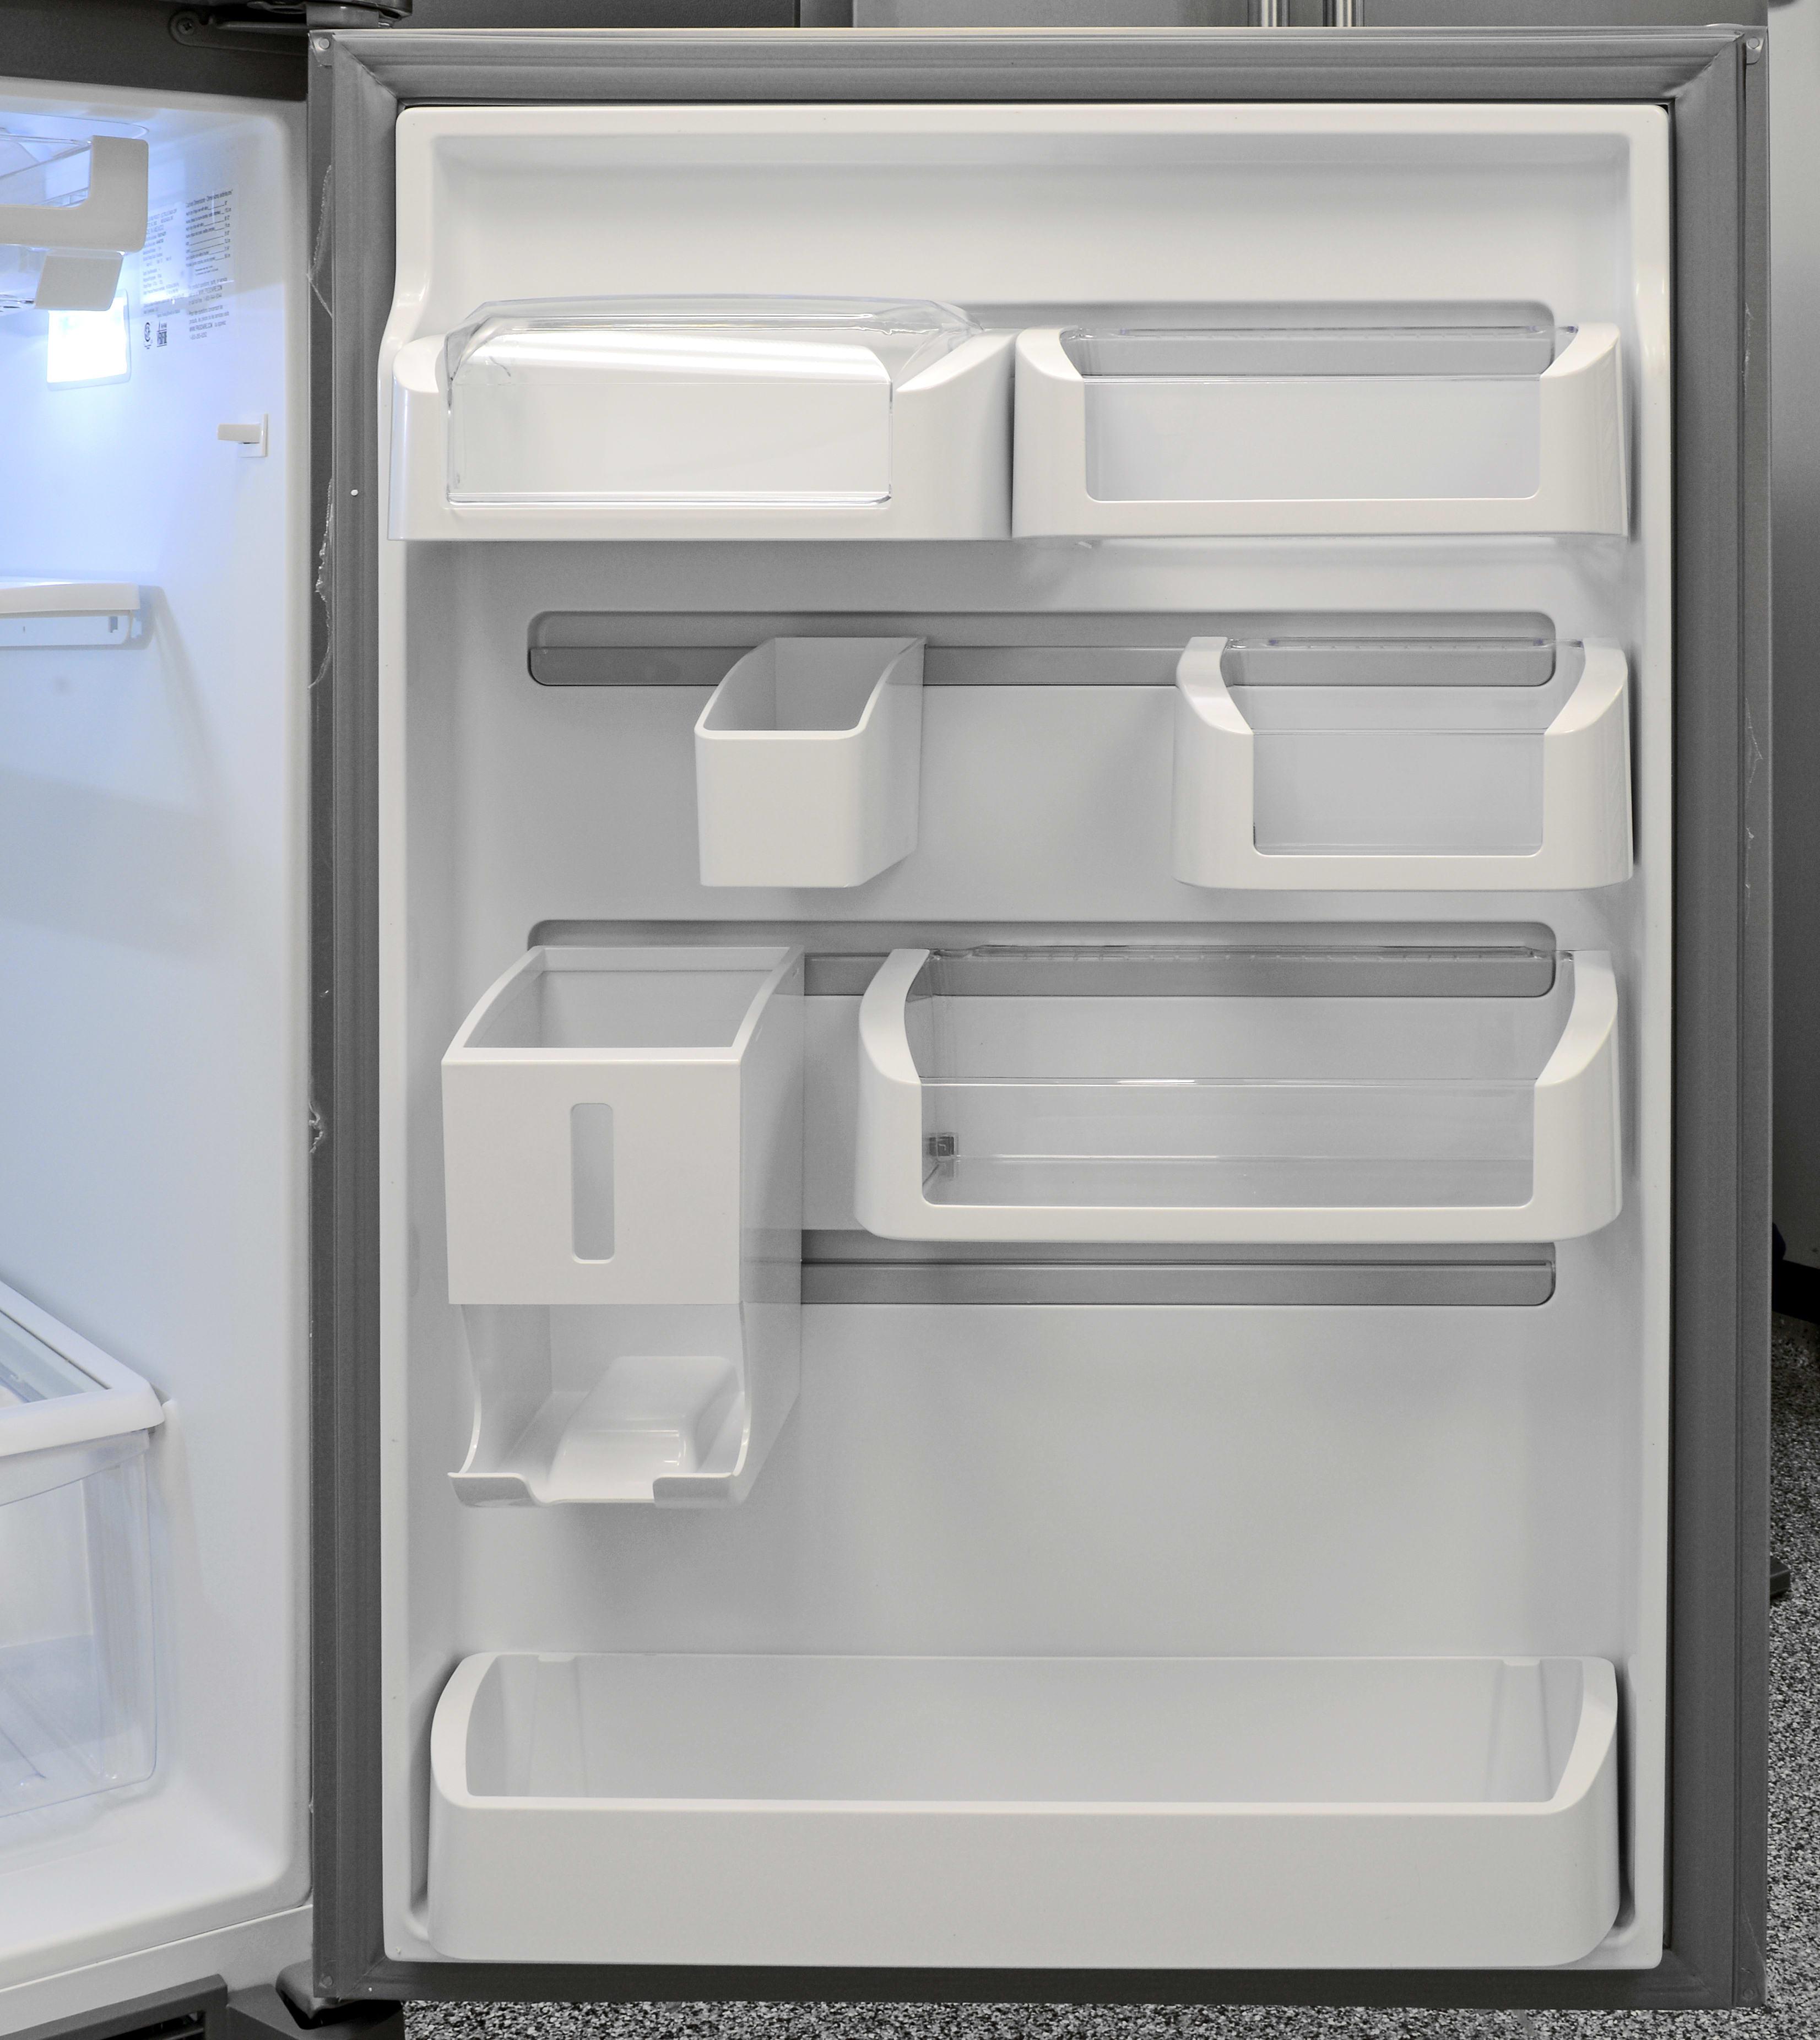 Frigidaire Gallery Fghi2164qf Refrigerator Review